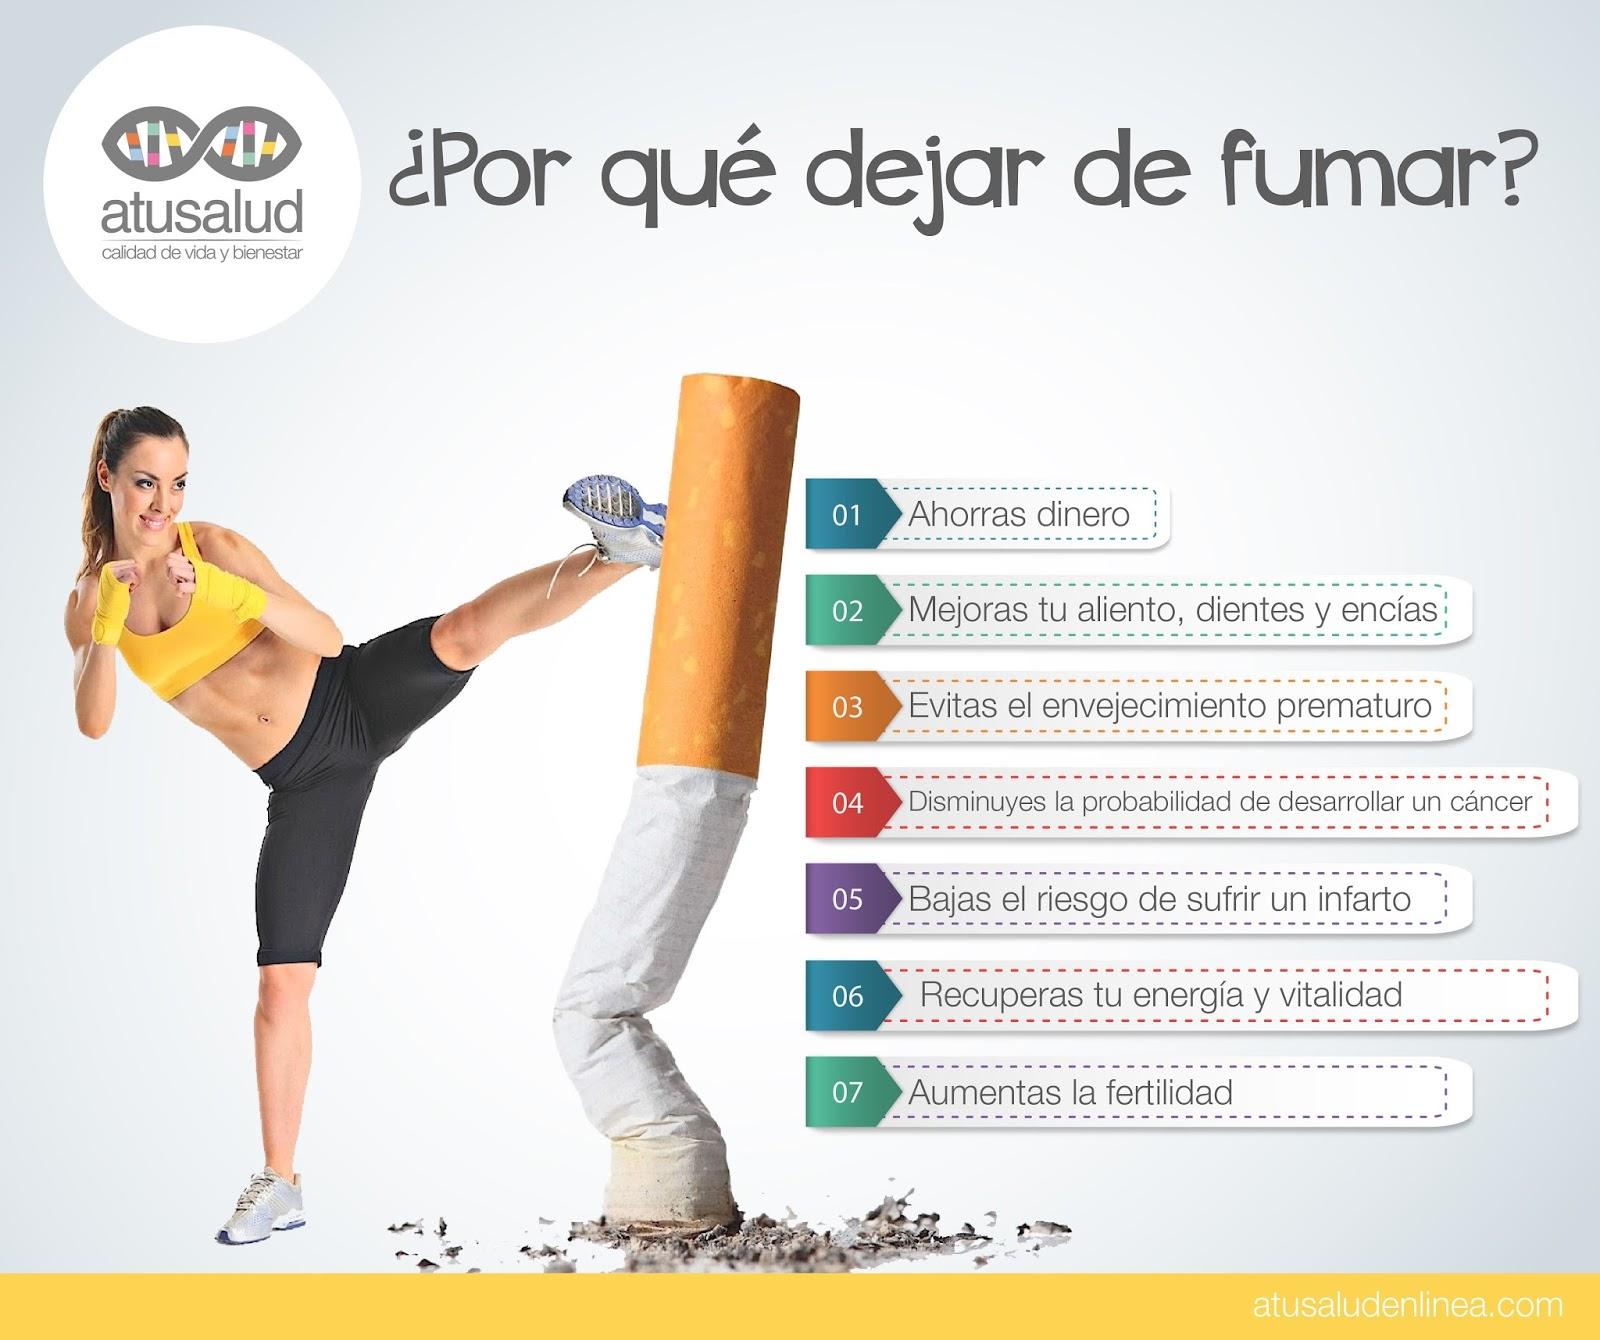 de fumar tus putitas